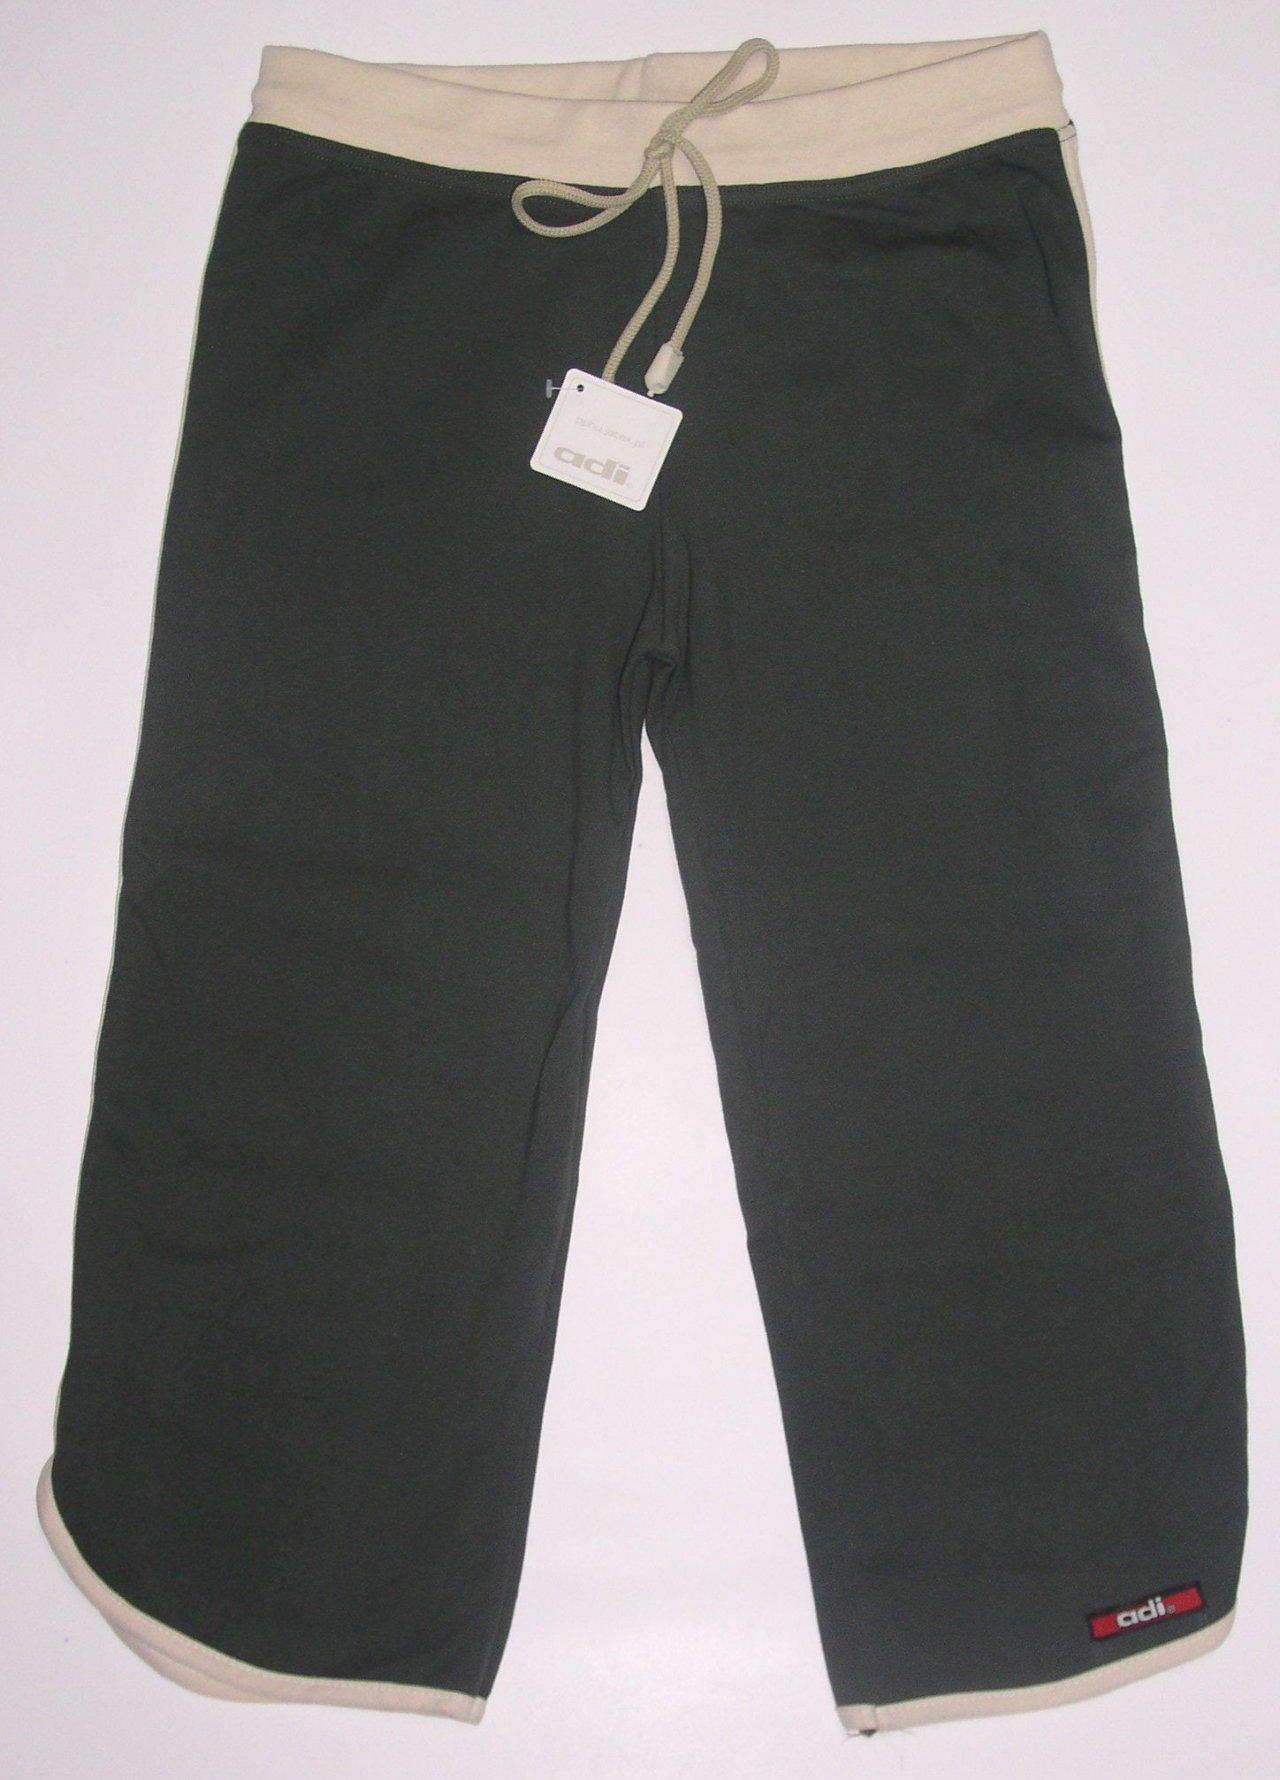 Spodnie Adi Sportowe